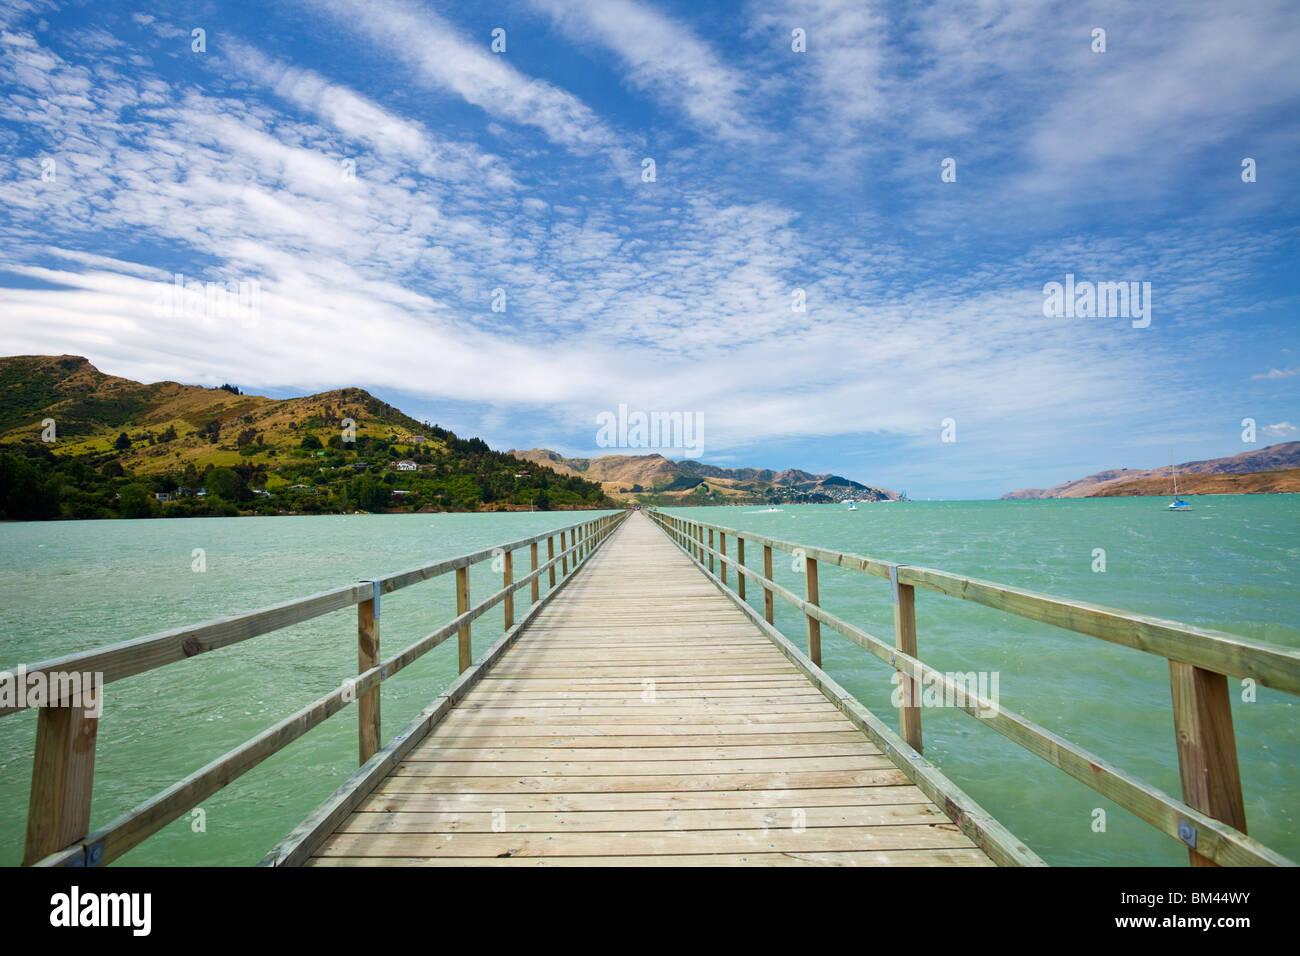 Jetée de Governor's Bay. Christchurch, Canterbury, île du Sud, Nouvelle-Zélande Photo Stock